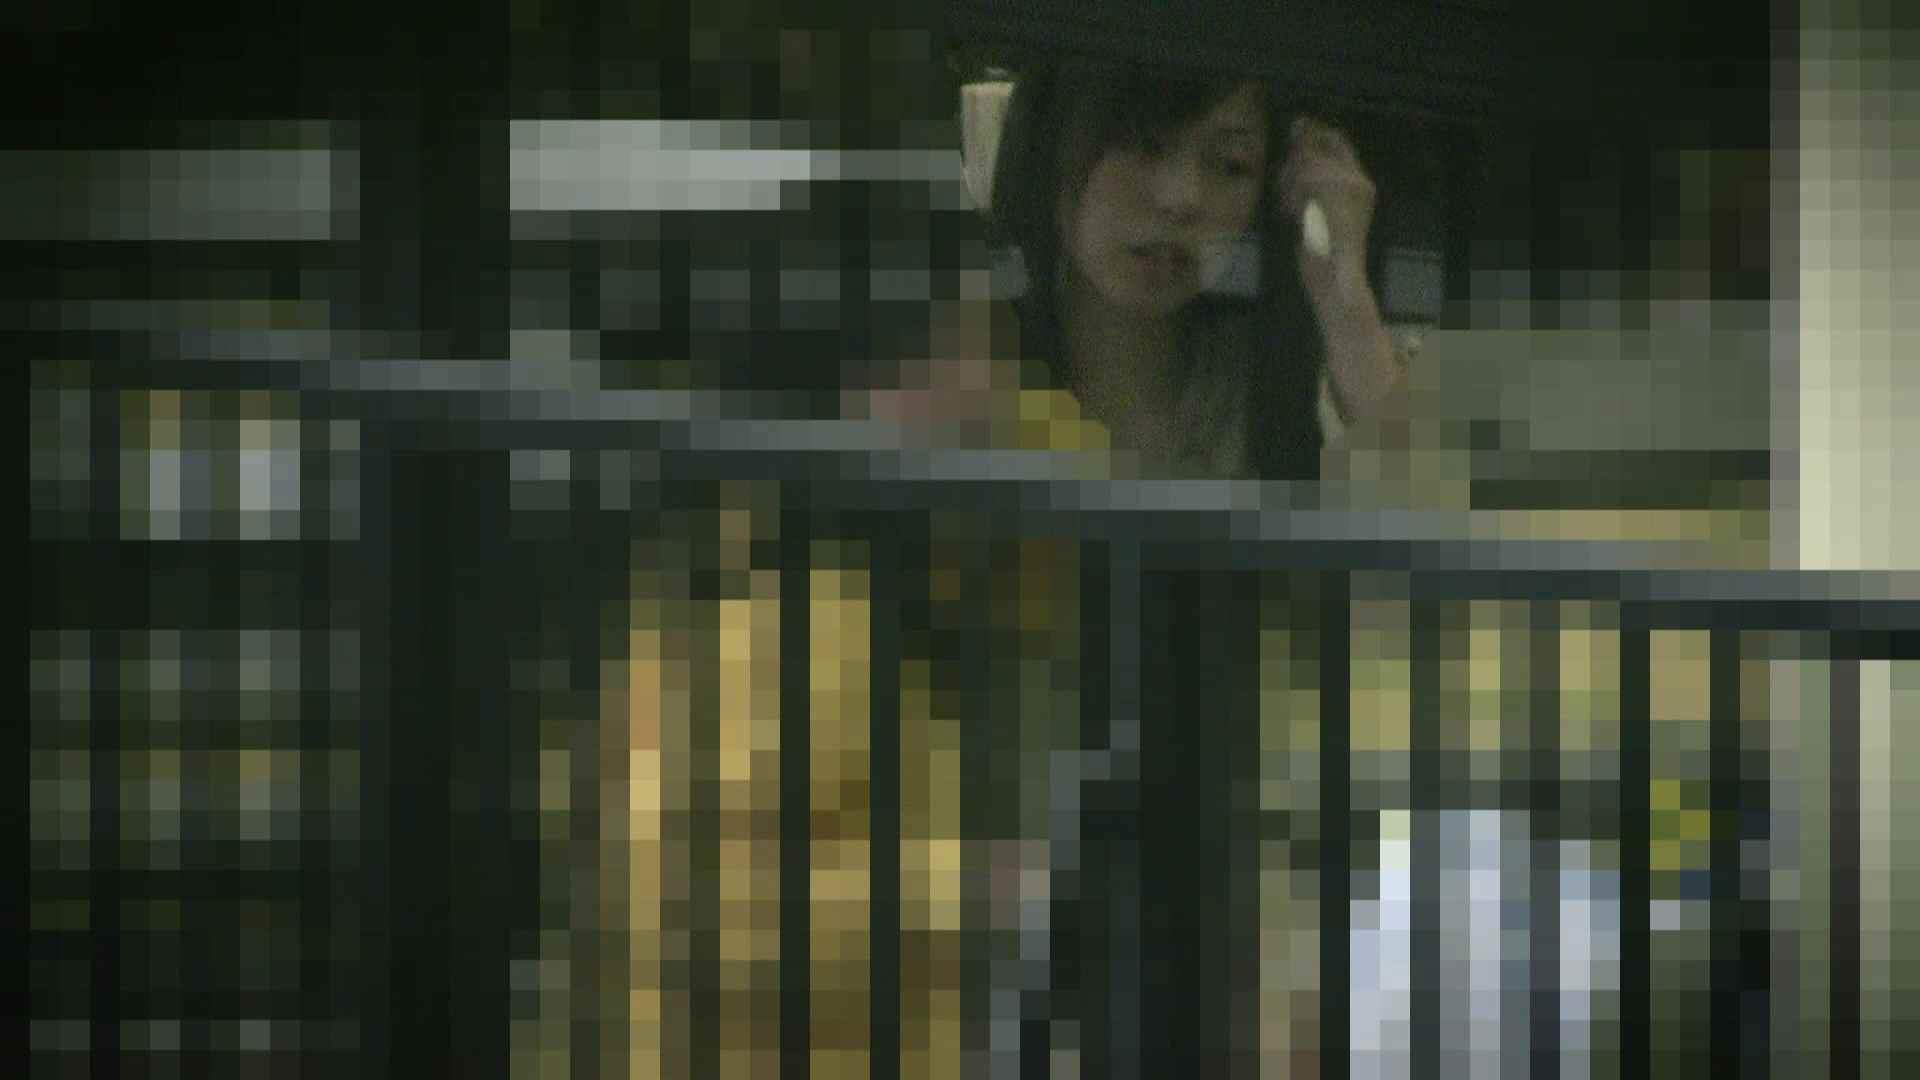 高画質露天女風呂観察 vol.006 乙女のエロ動画 濡れ場動画紹介 98PIX 64